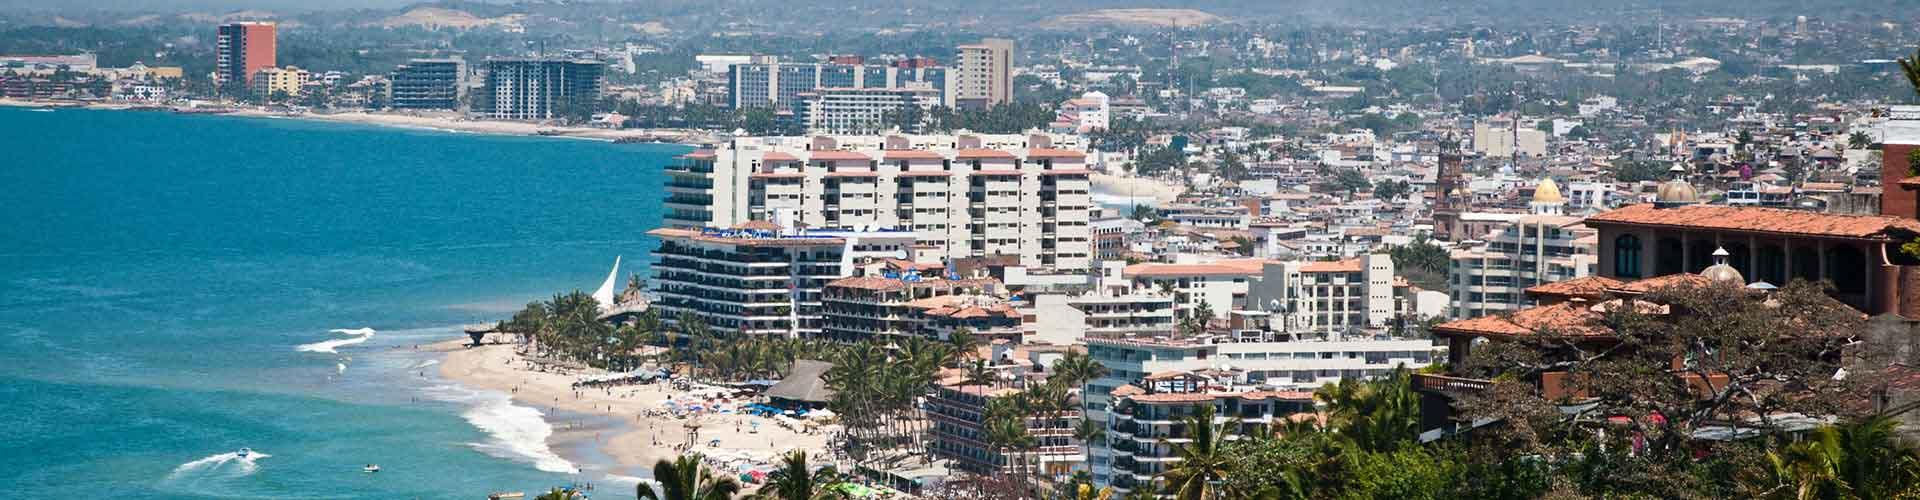 墨西哥城 – 墨西哥城 附近的青年旅舍。墨西哥城地图,墨西哥城 所有青年旅馆的照片和评分。